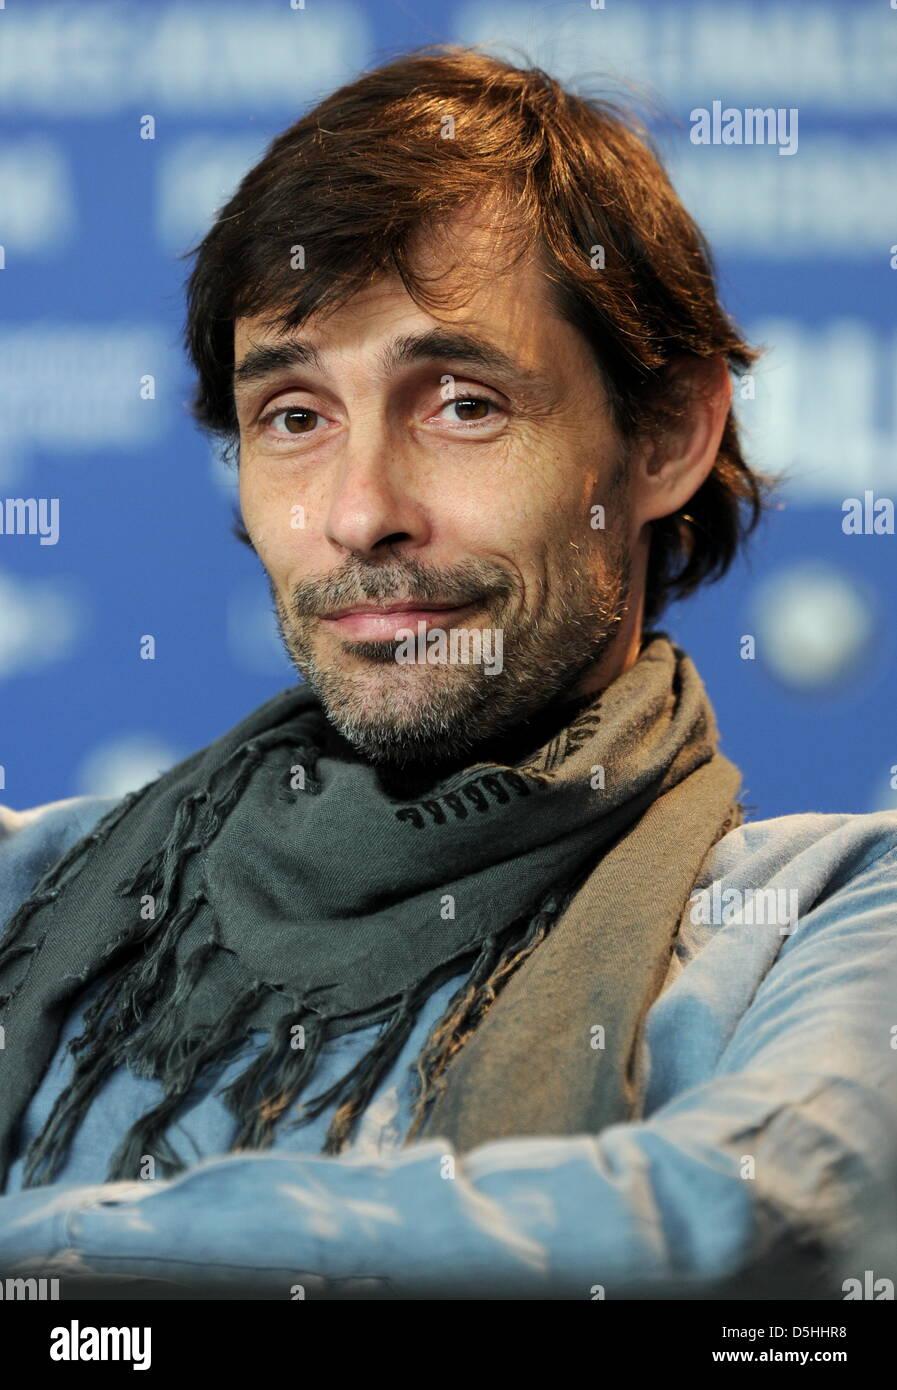 Türkische Schauspieler Erdal Besikcioglu Besucht Die Pressekonferenz